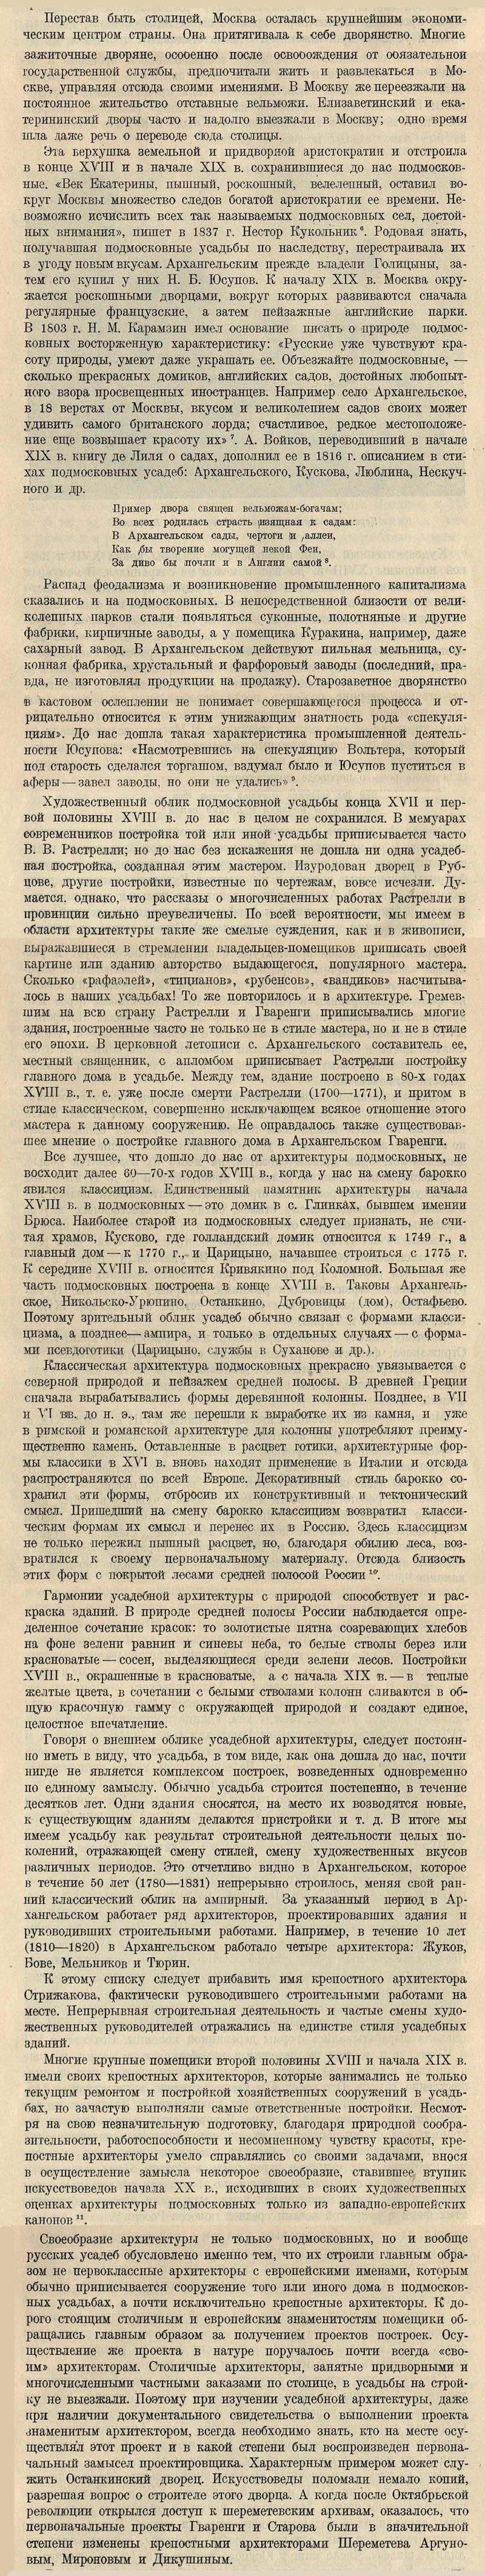 Архангельское - Безсонов.jpg